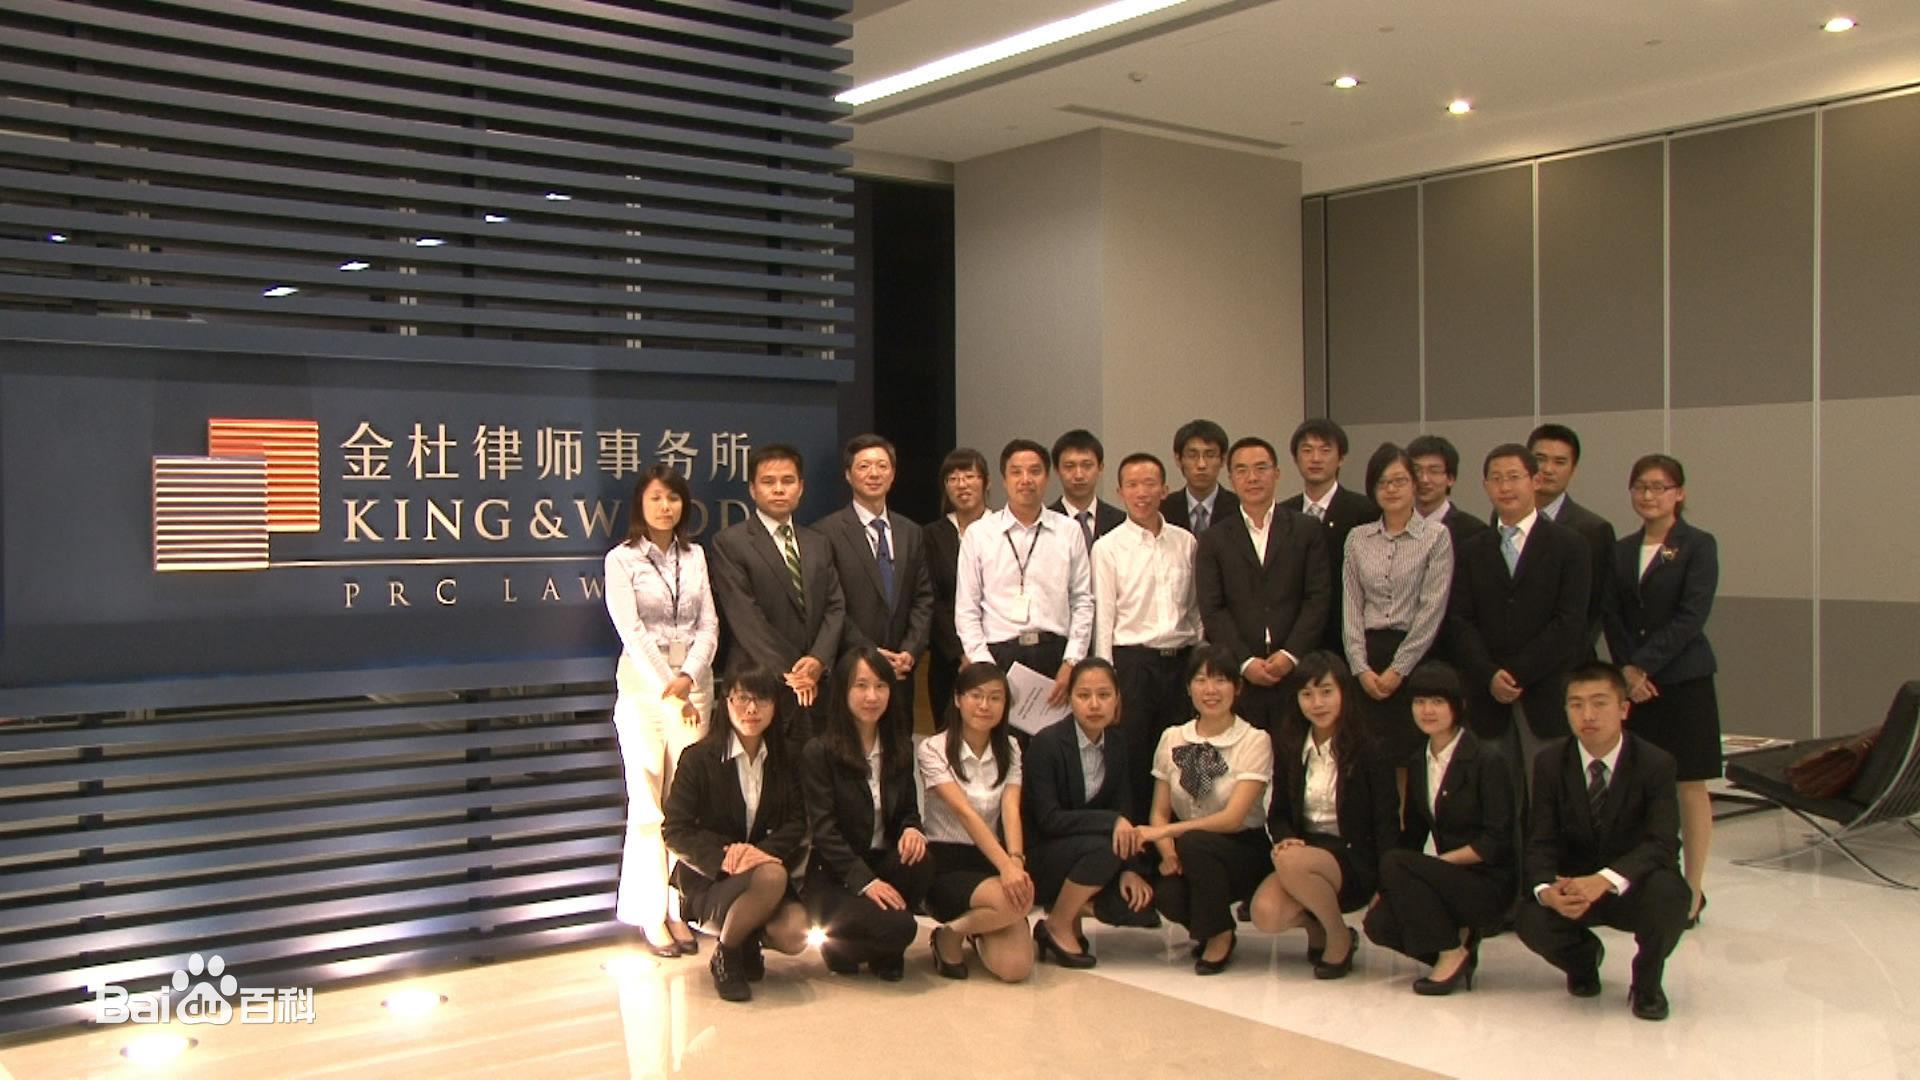 锦天城律师事务所图片